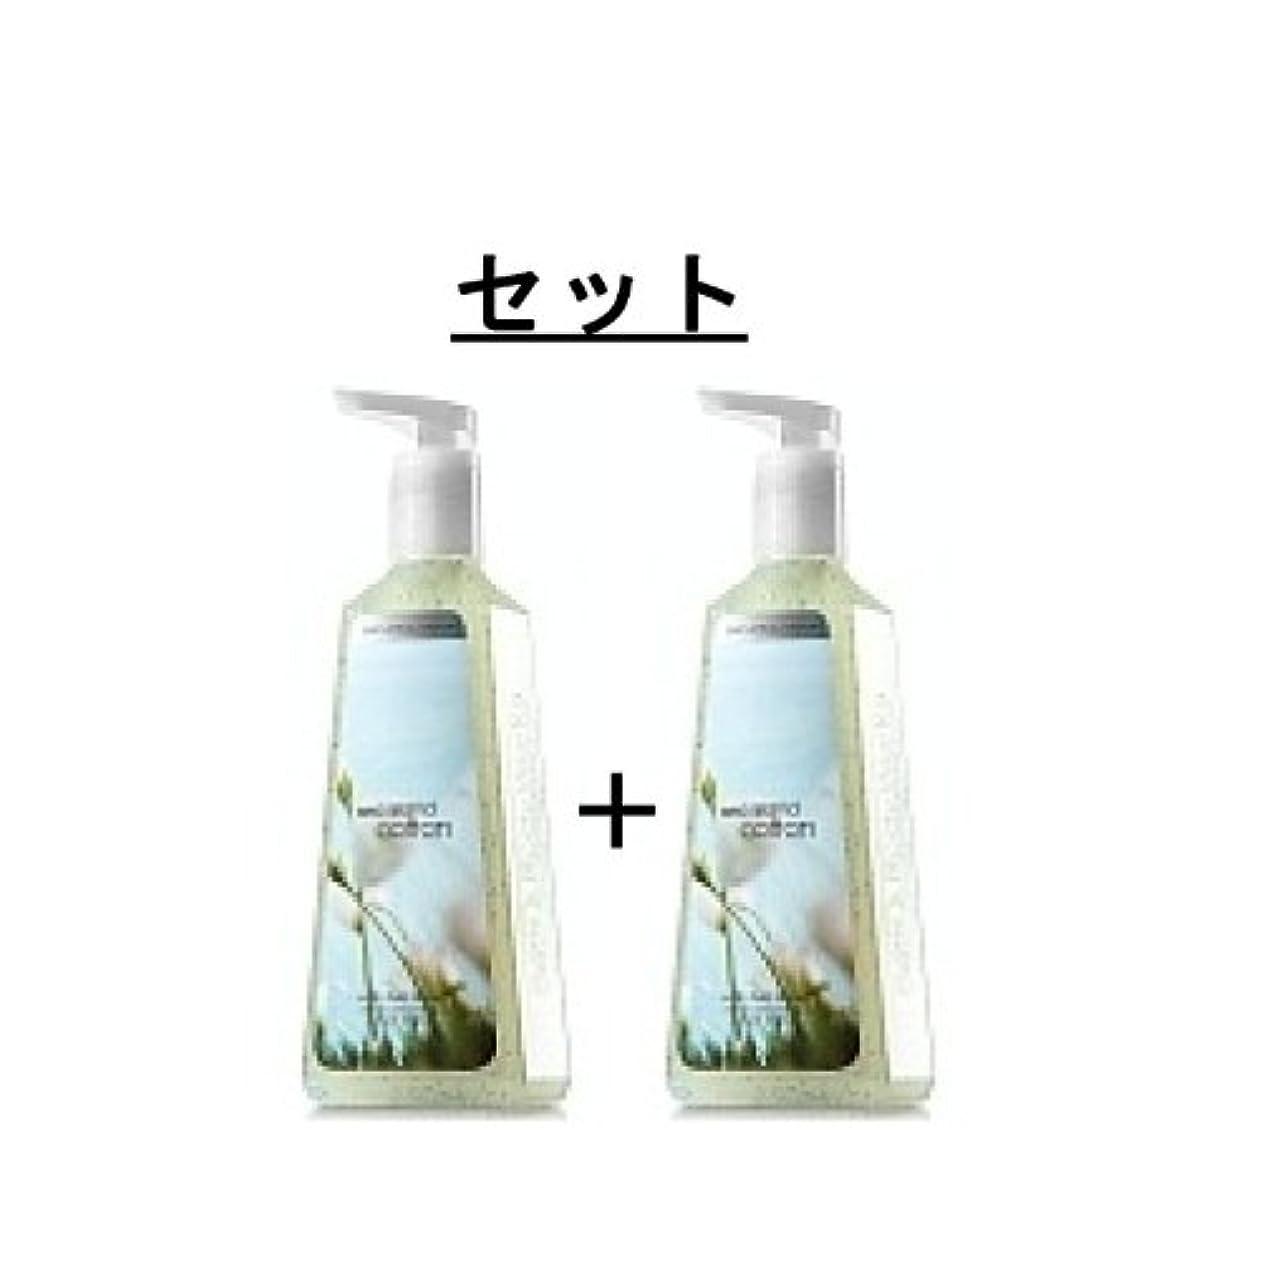 シガレット反射つまらないBath & Body Works Sea Island Cotton Antibacterial Deep Cleansing Hand Soap Set of 2 シーアイランドコットン【並行輸入品】